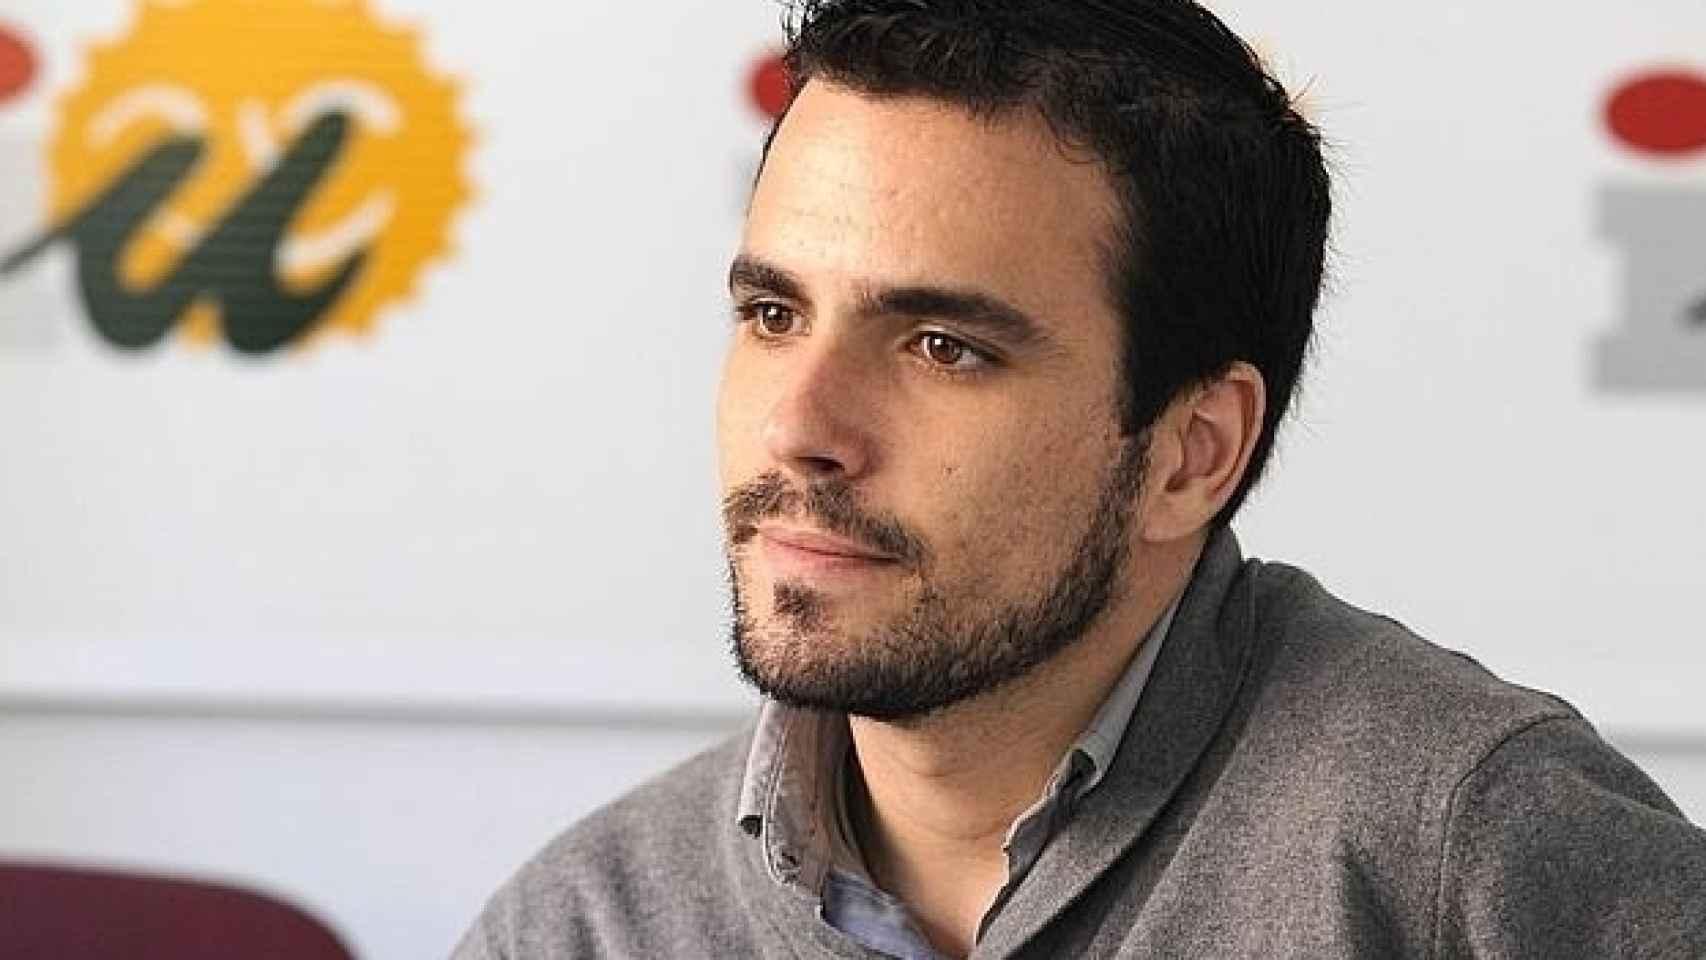 La presentadora confesó haber votado a Alberto Garzón